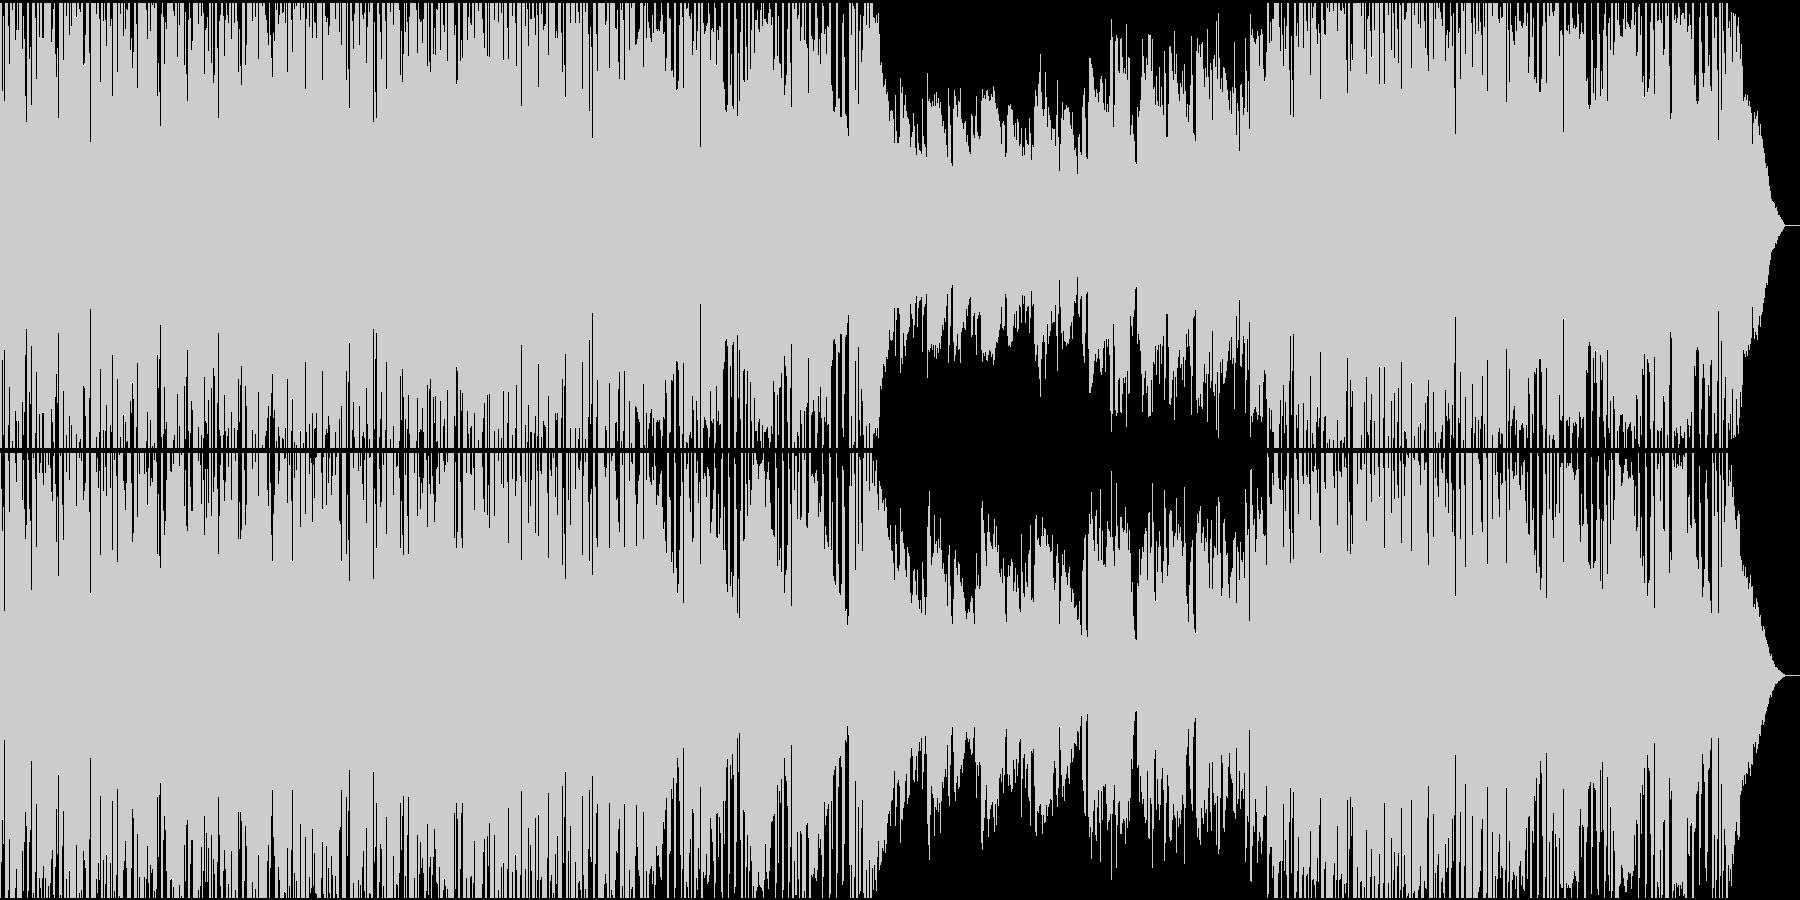 雨上がりの情景の未再生の波形